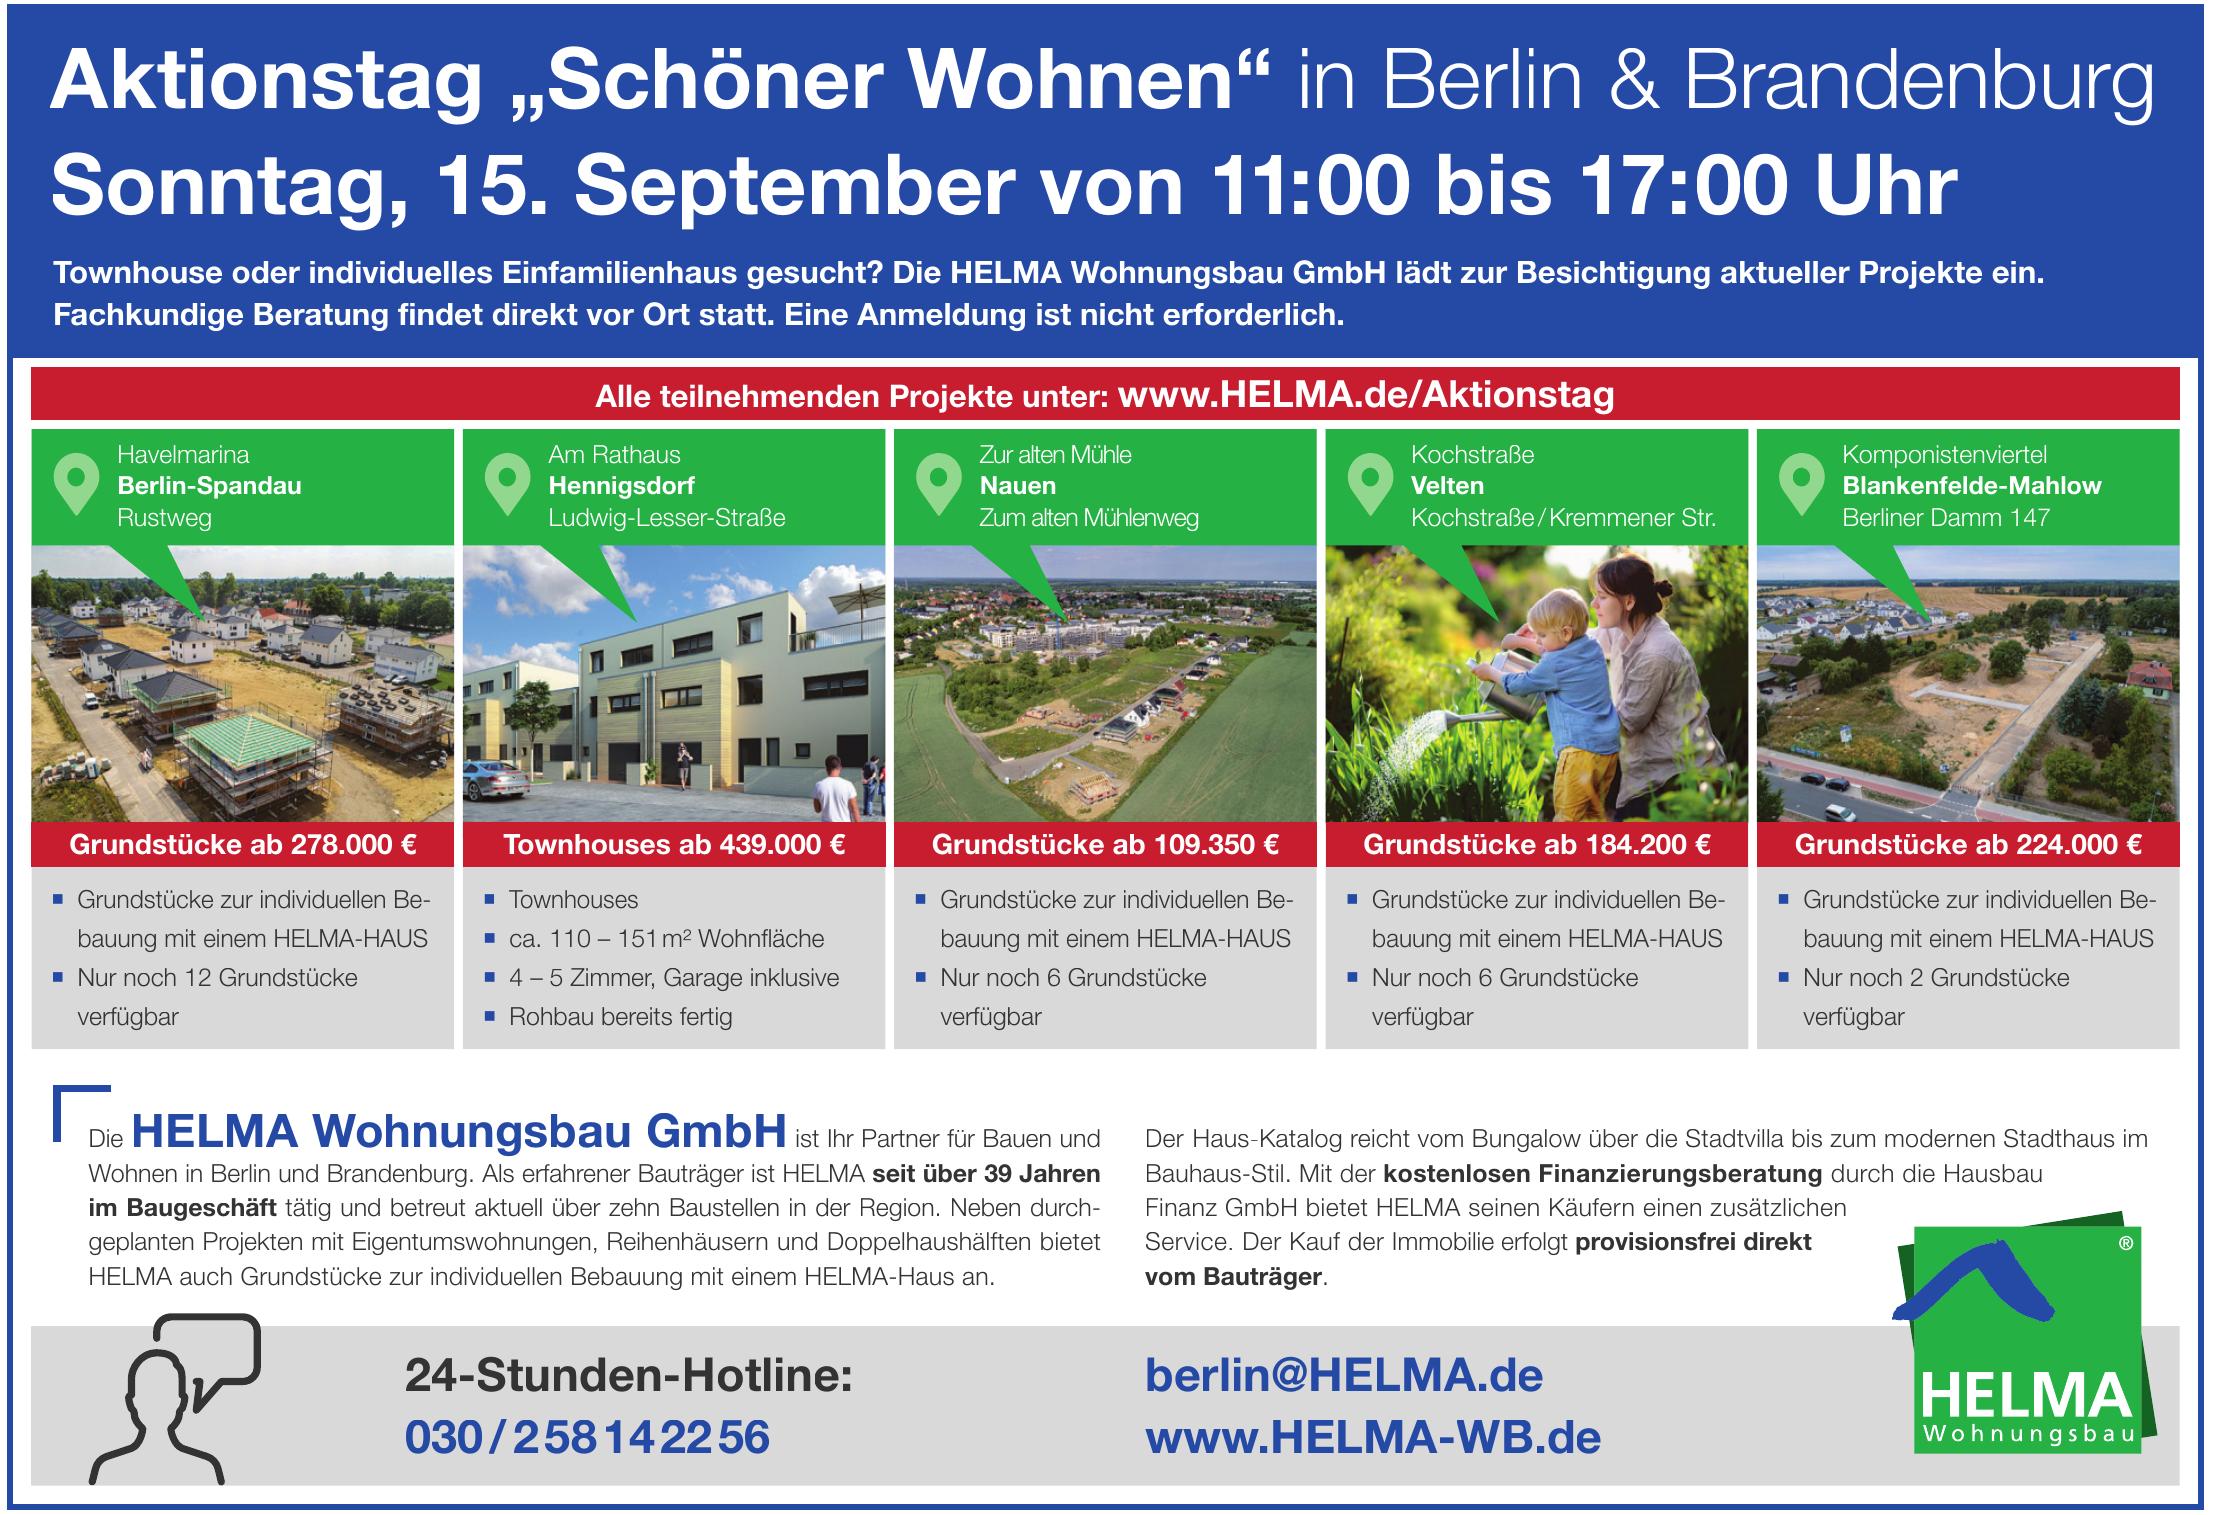 Helma Wohnungsbau GmbH